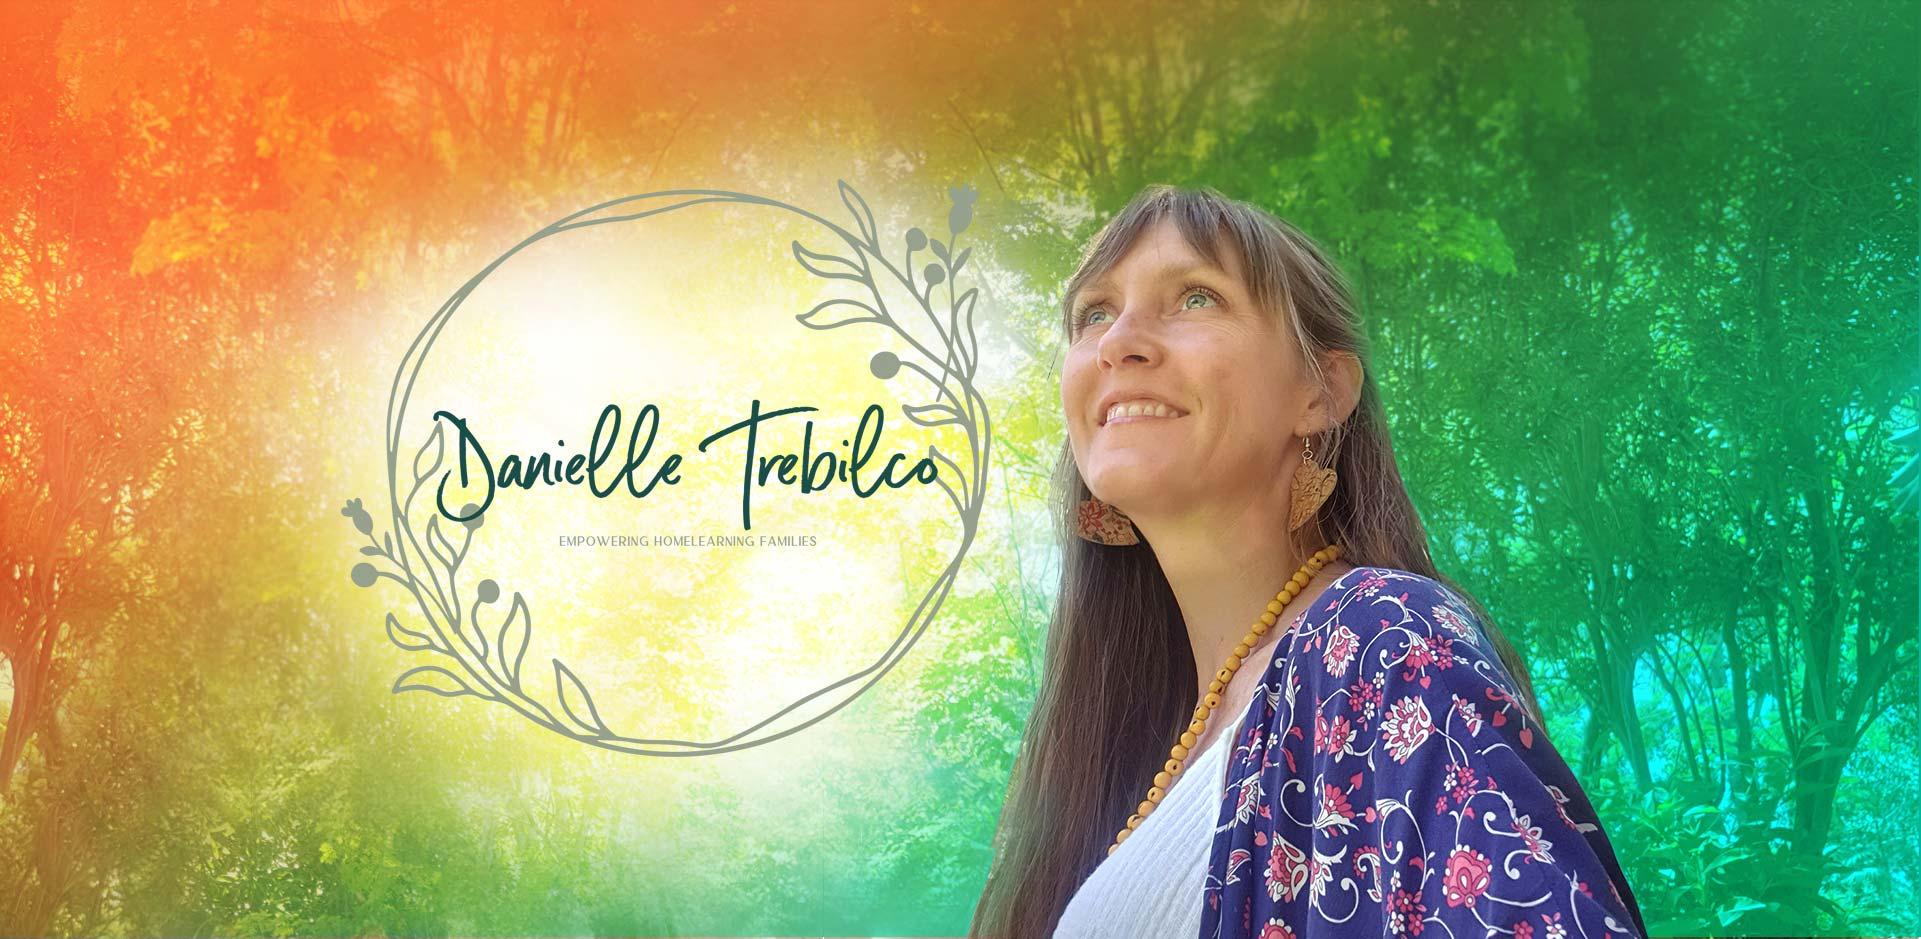 Danielle Trebilco